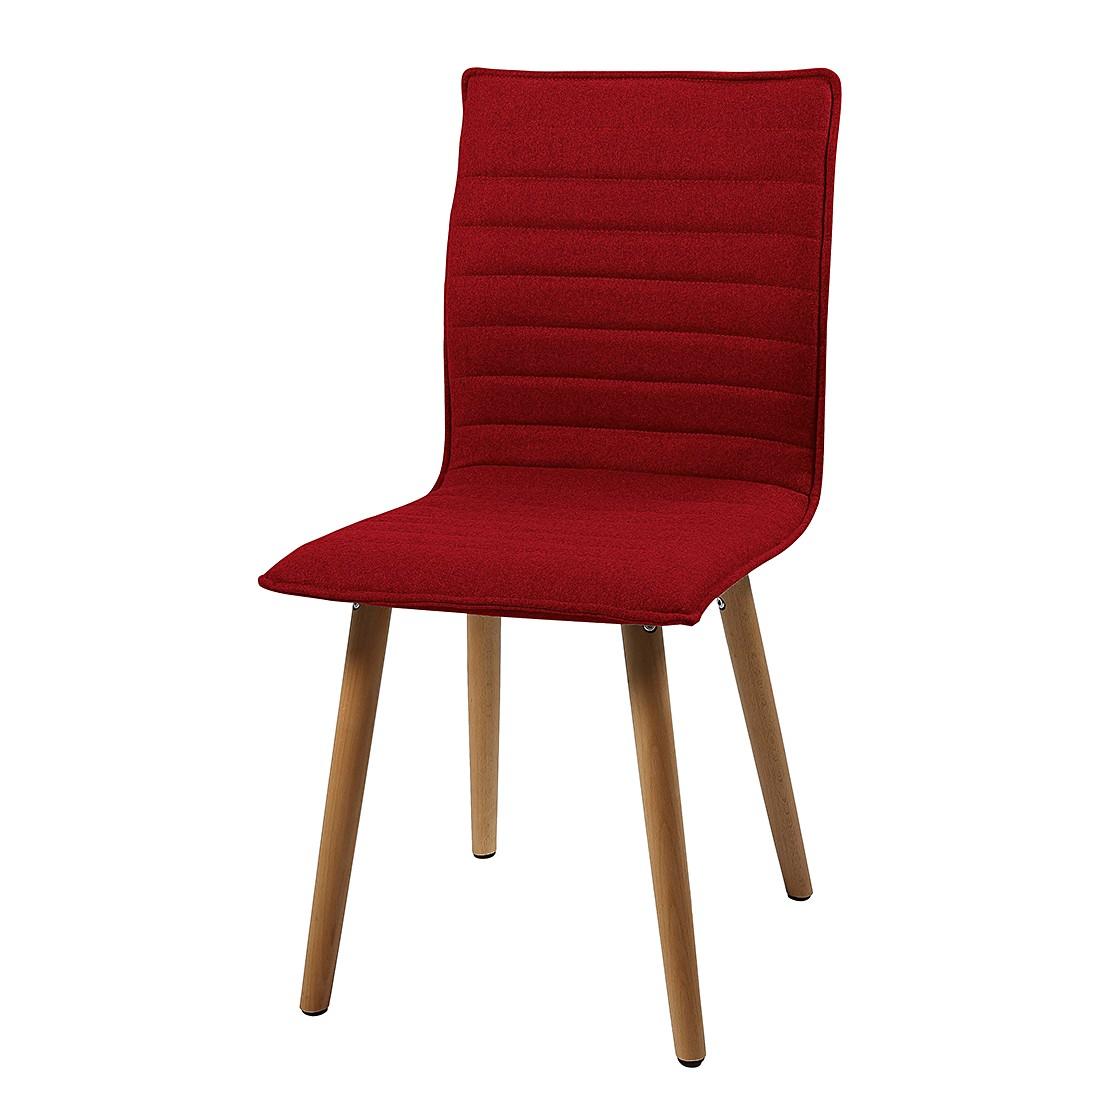 polsterstuhl eiche preis vergleich 2016. Black Bedroom Furniture Sets. Home Design Ideas